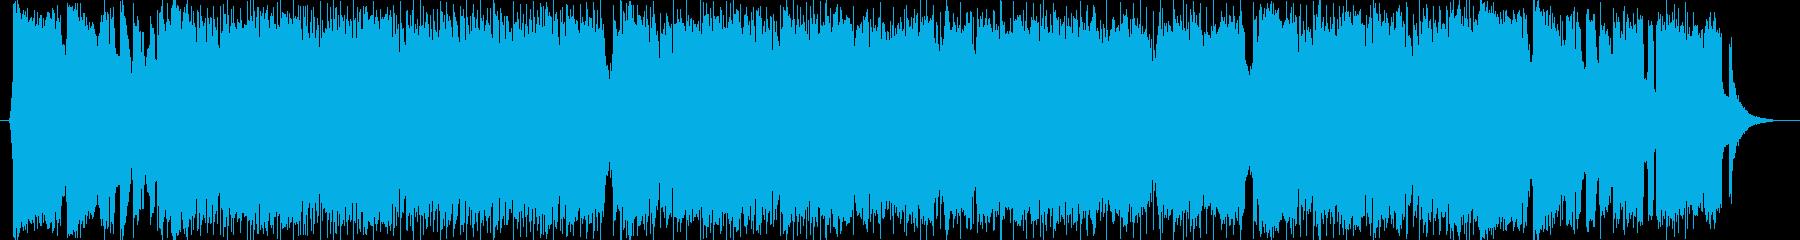 エレキギターが熱い骨太ロックサウンドの再生済みの波形